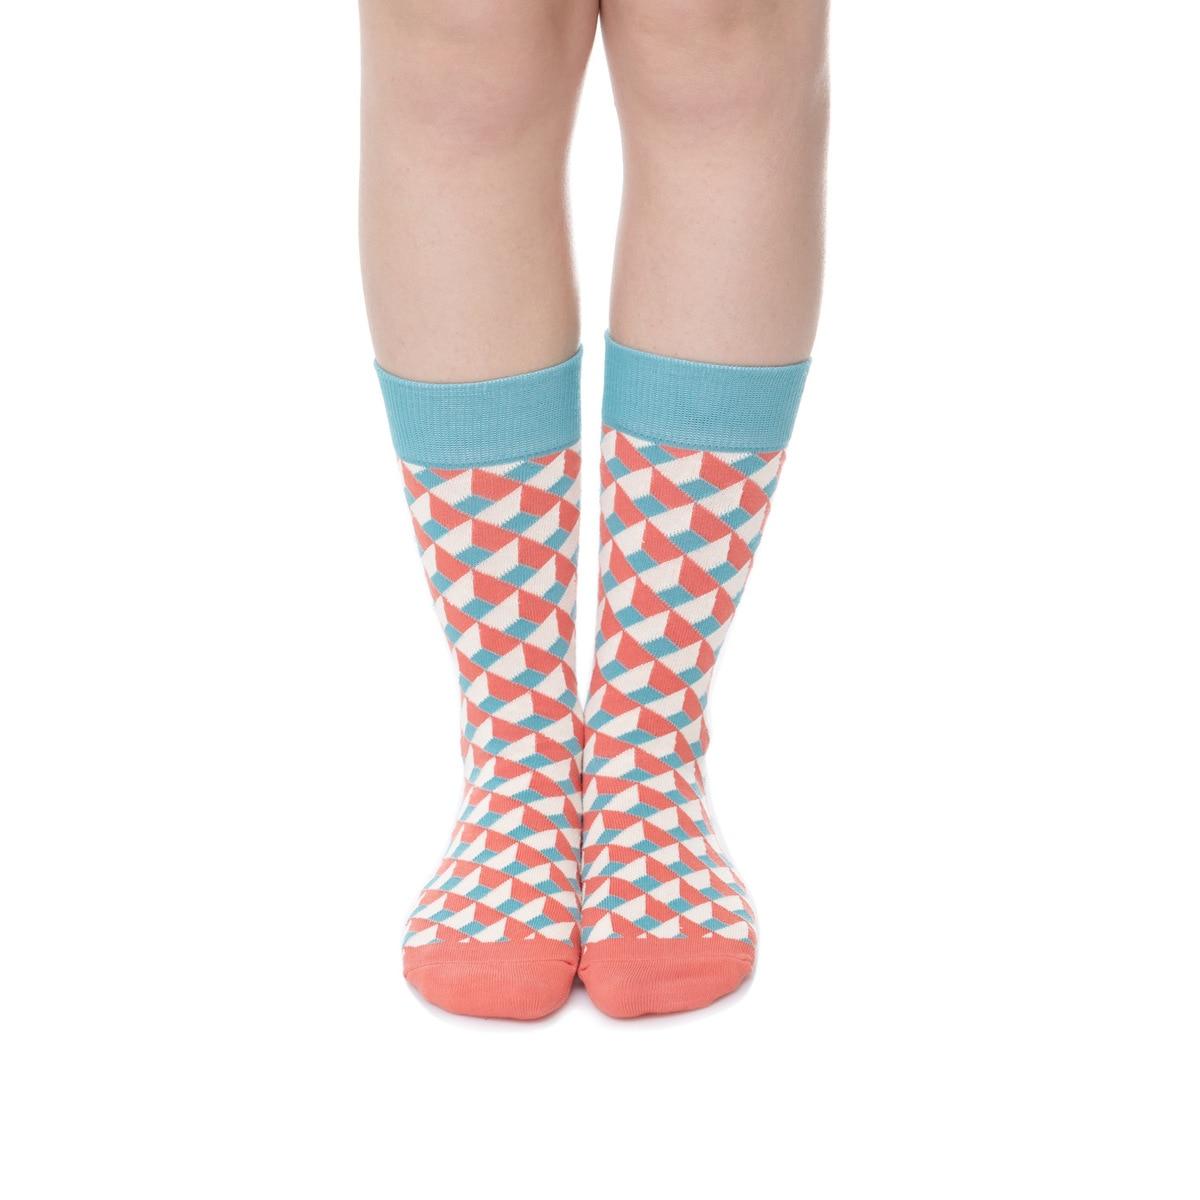 3fdc25172b850e US $2.65 46% OFF|PEONFLY USA (6 10) farbe geometrische muster lange kleid  high Lustige Socken männer frauen Liebhaber Socken Männlichen Voll ...